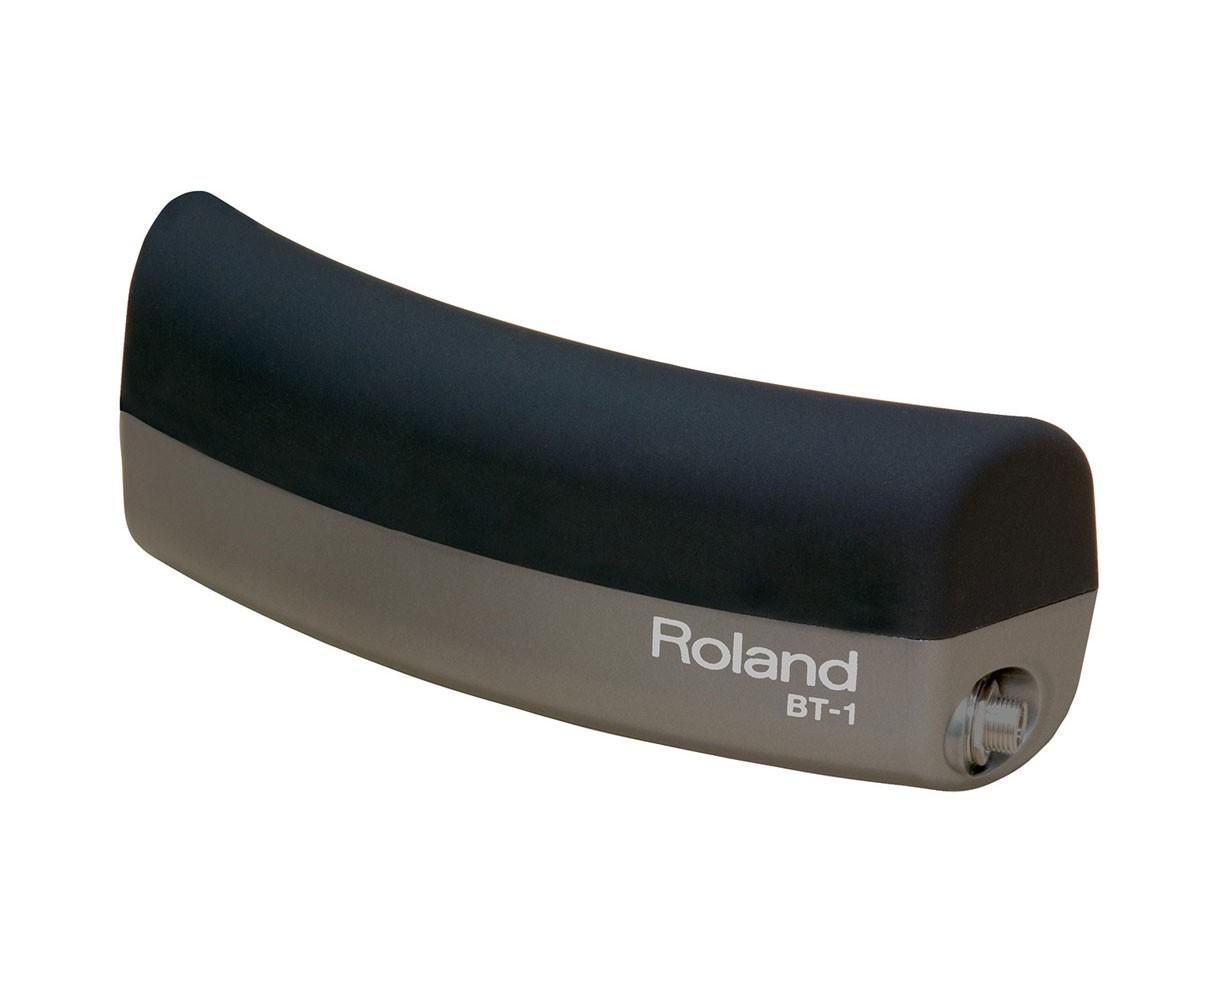 Roland BT-1 (1)